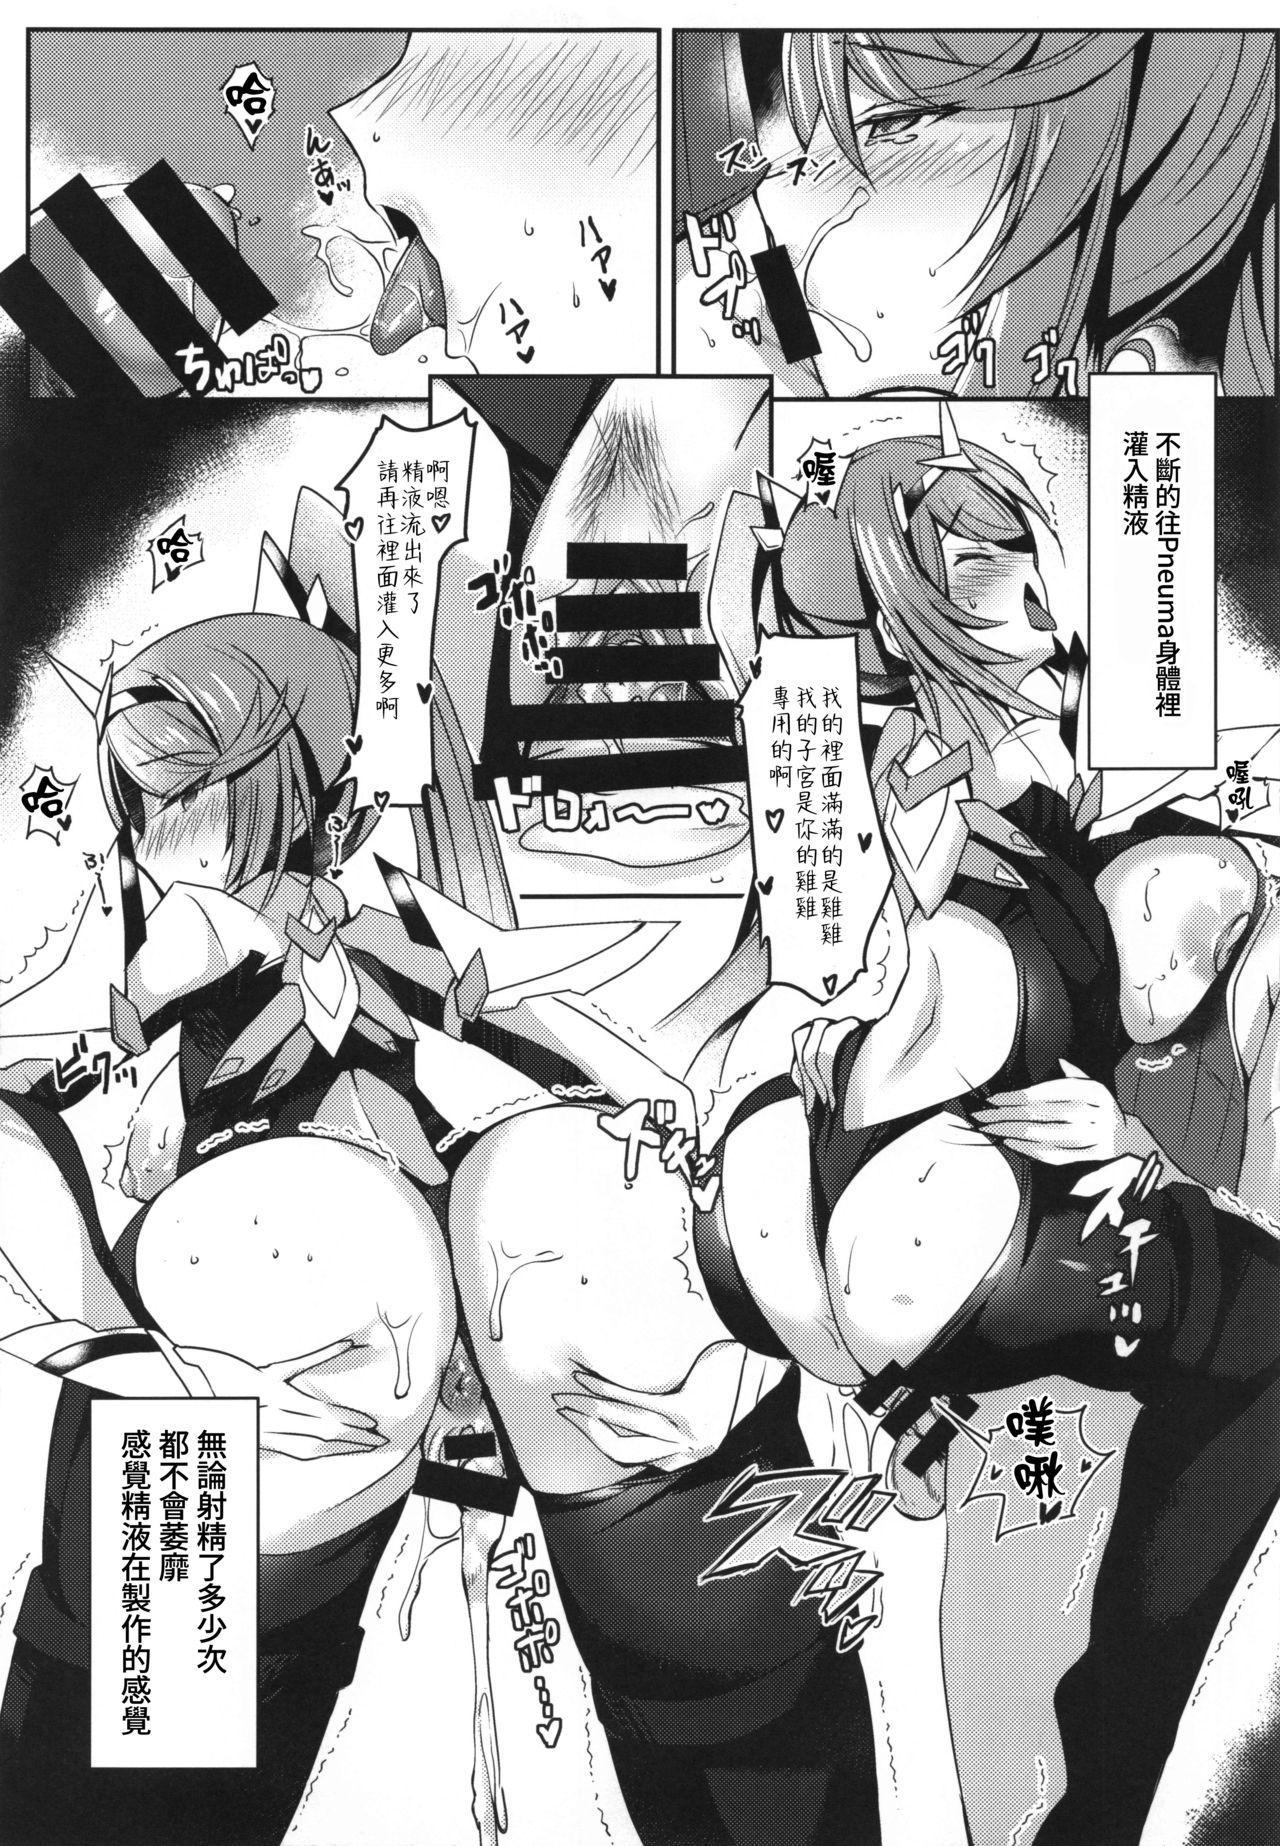 (COMIC1☆17) [どらやきや (井上たくや)] Pneuma的H本 (異度神劍2)[KY桑個人漢化] 21